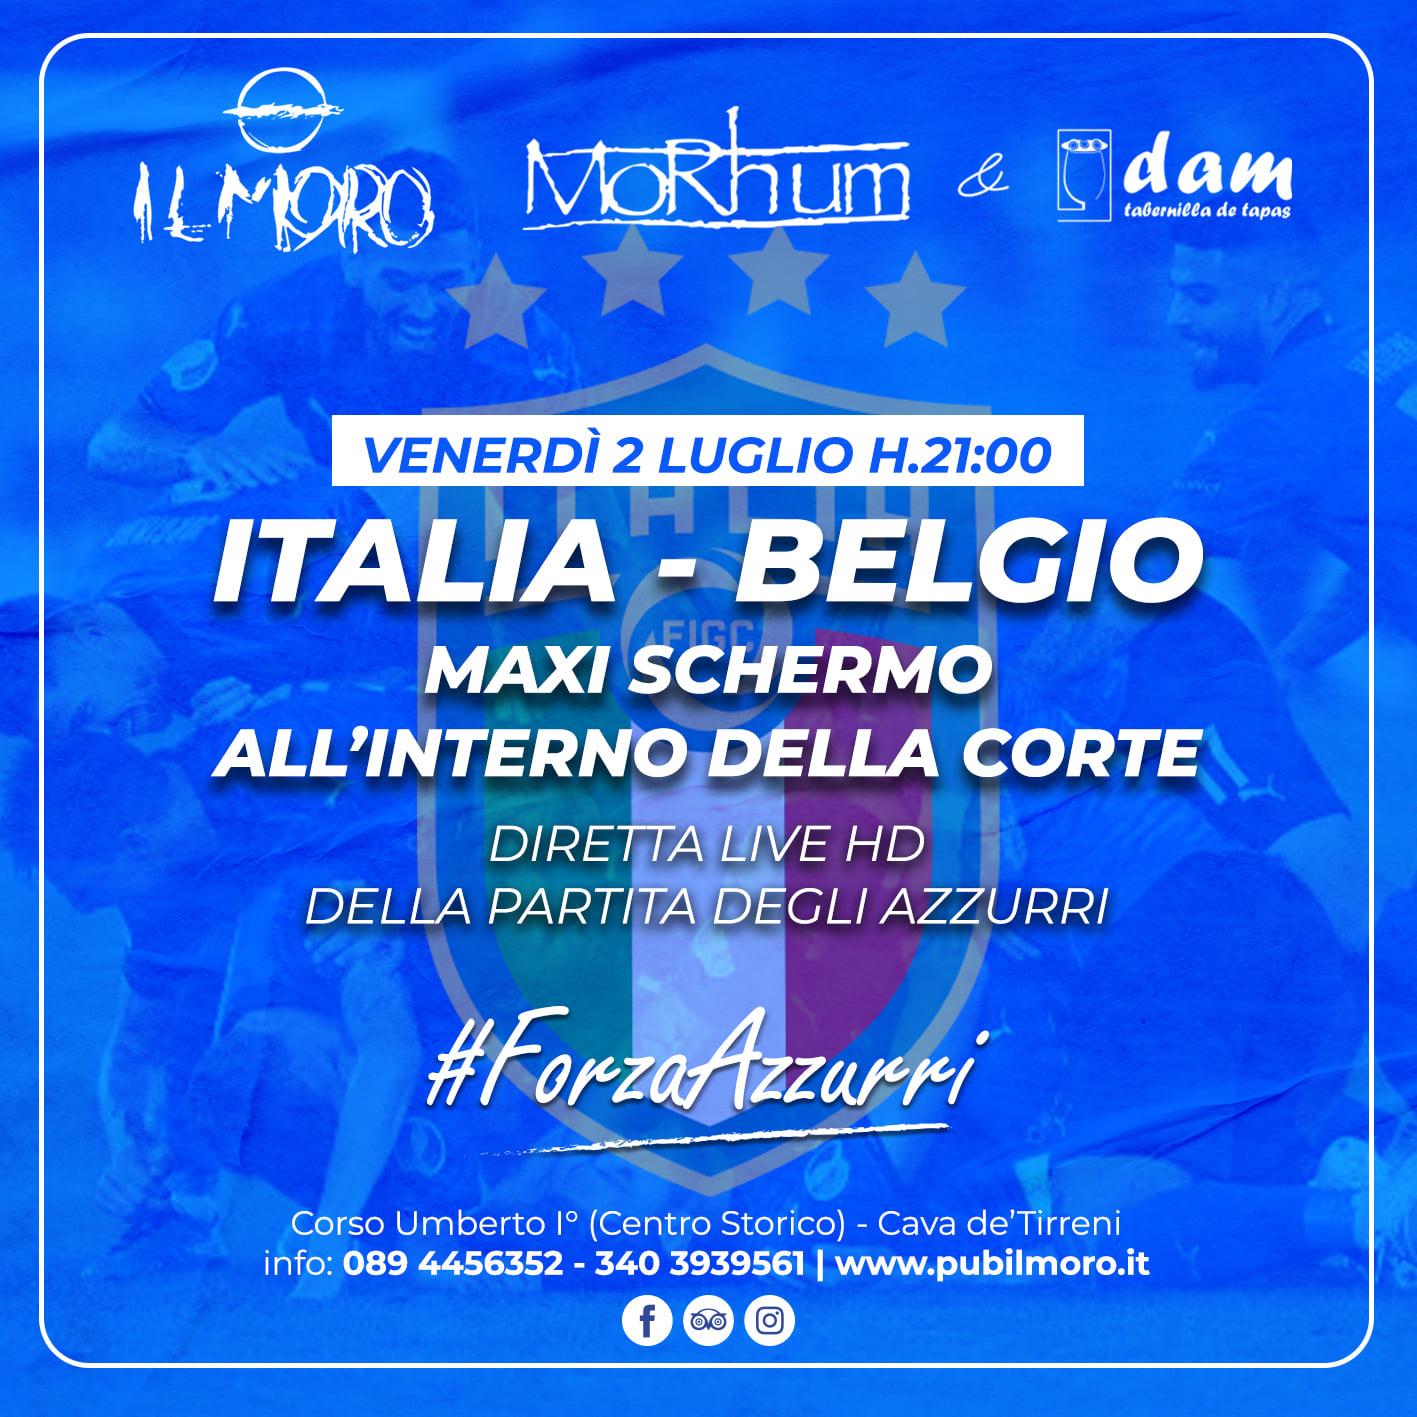 Questa sera al Pub Il Moro per vivere Notti Magiche! Maxi schermo Italia – Belgio